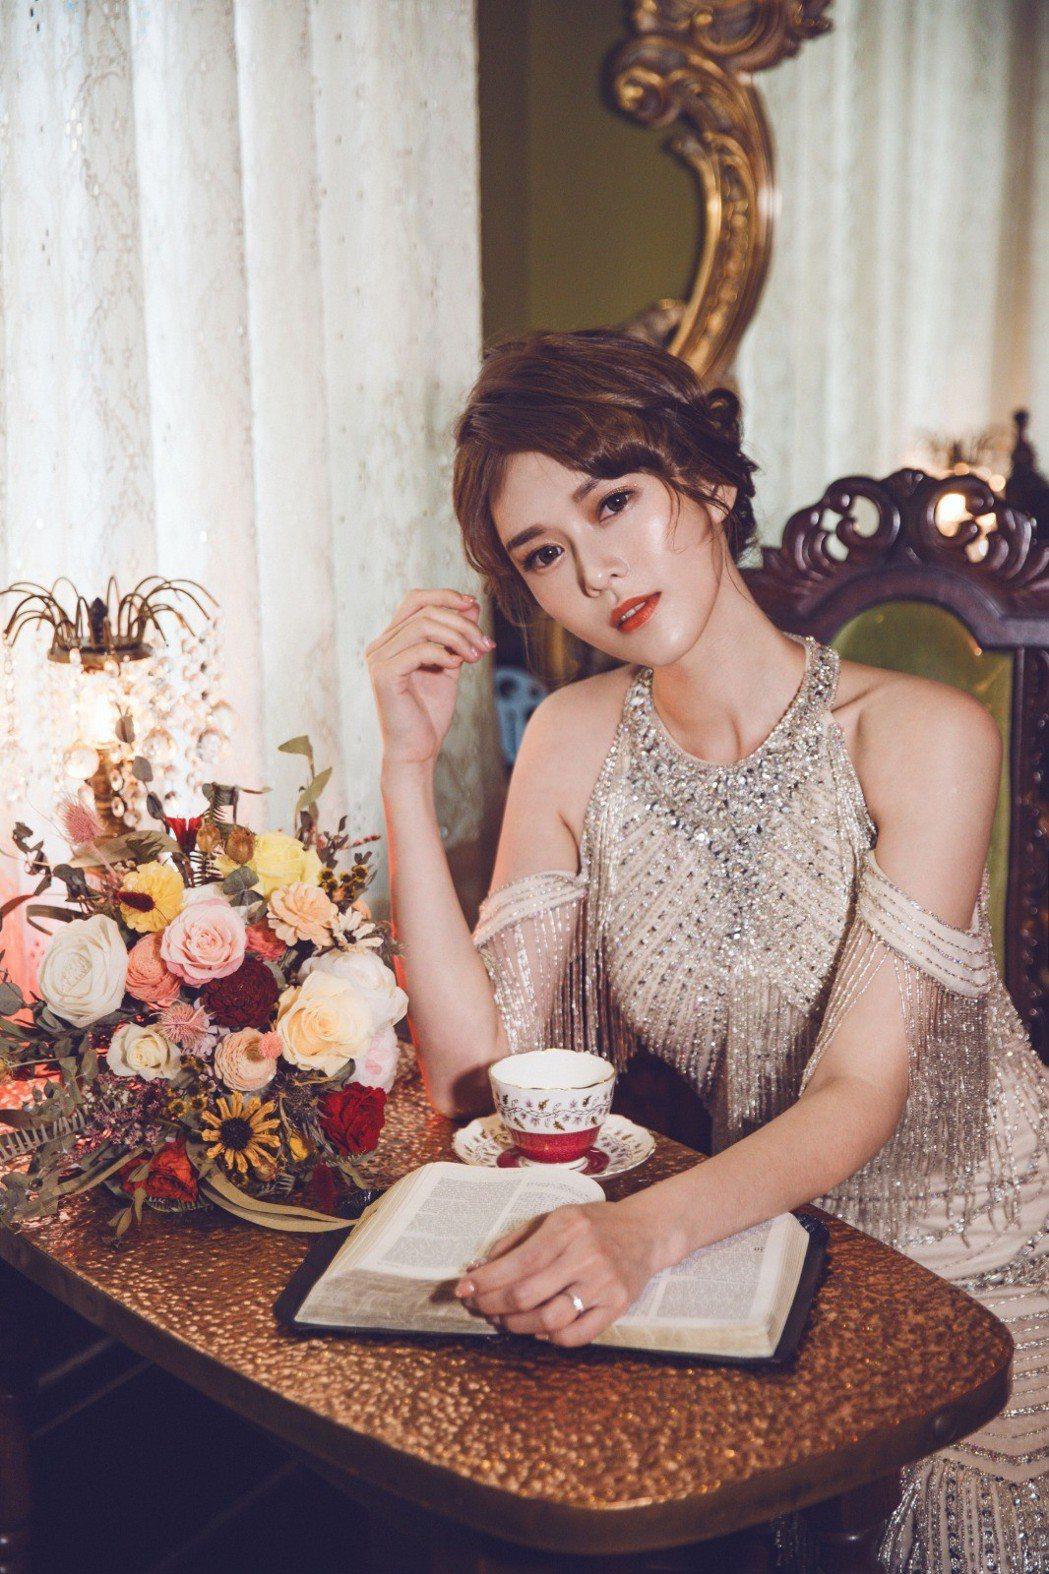 劉宜函在婚紗照中氣質婉約。圖/wedding21韓式婚紗提供